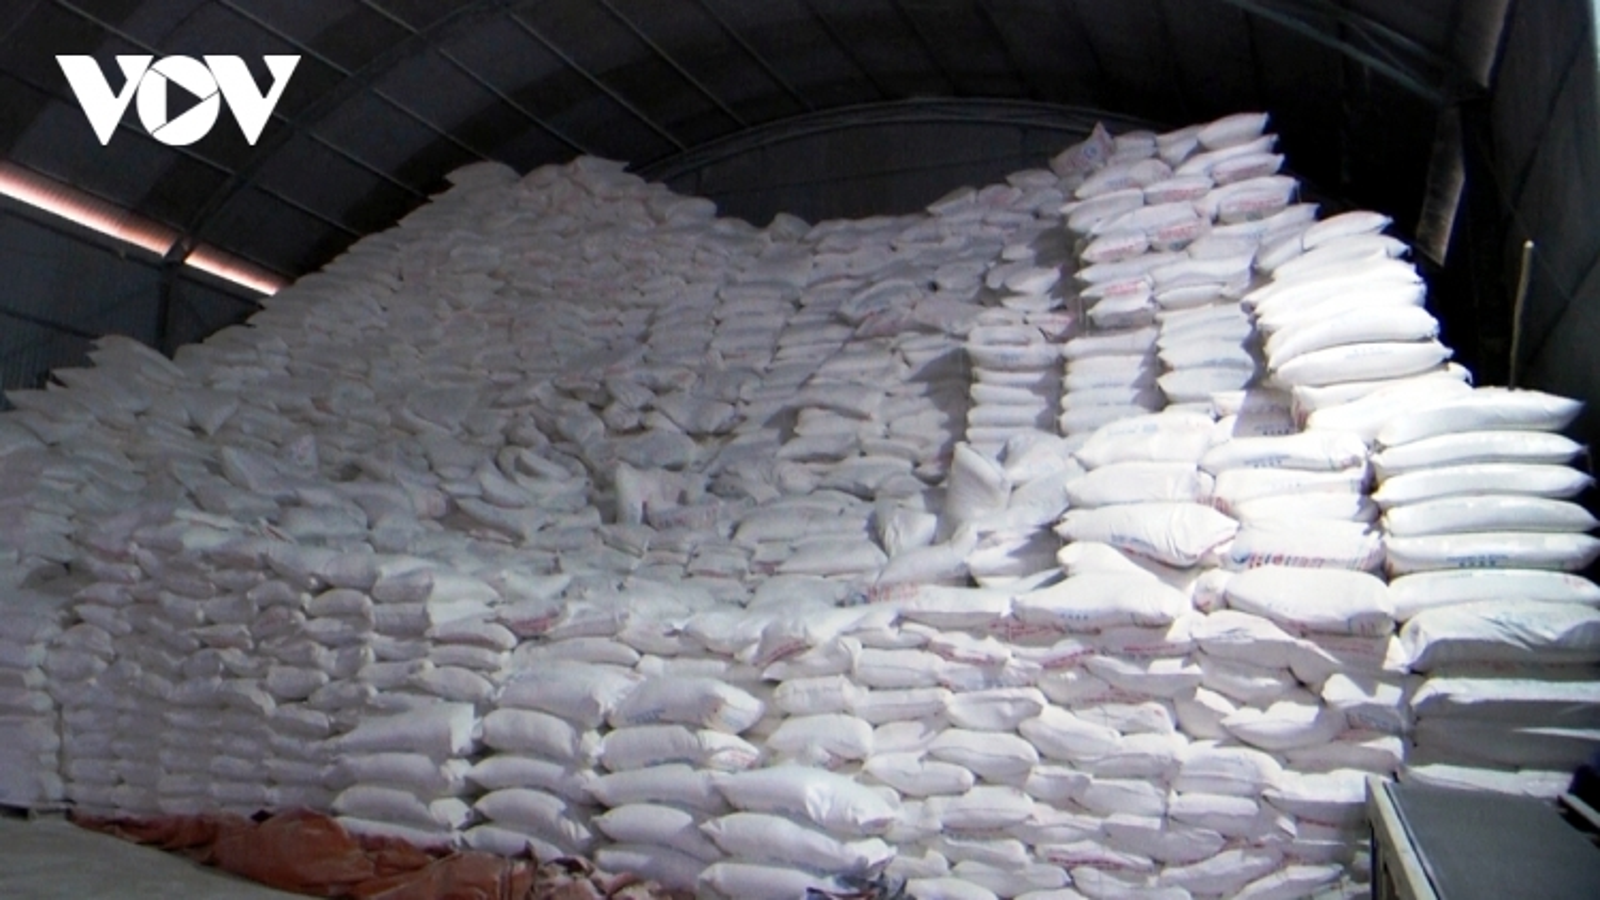 Doanh nghiệp chế biến nông sản ở Yên Bái gặp khó khi xuất khẩu